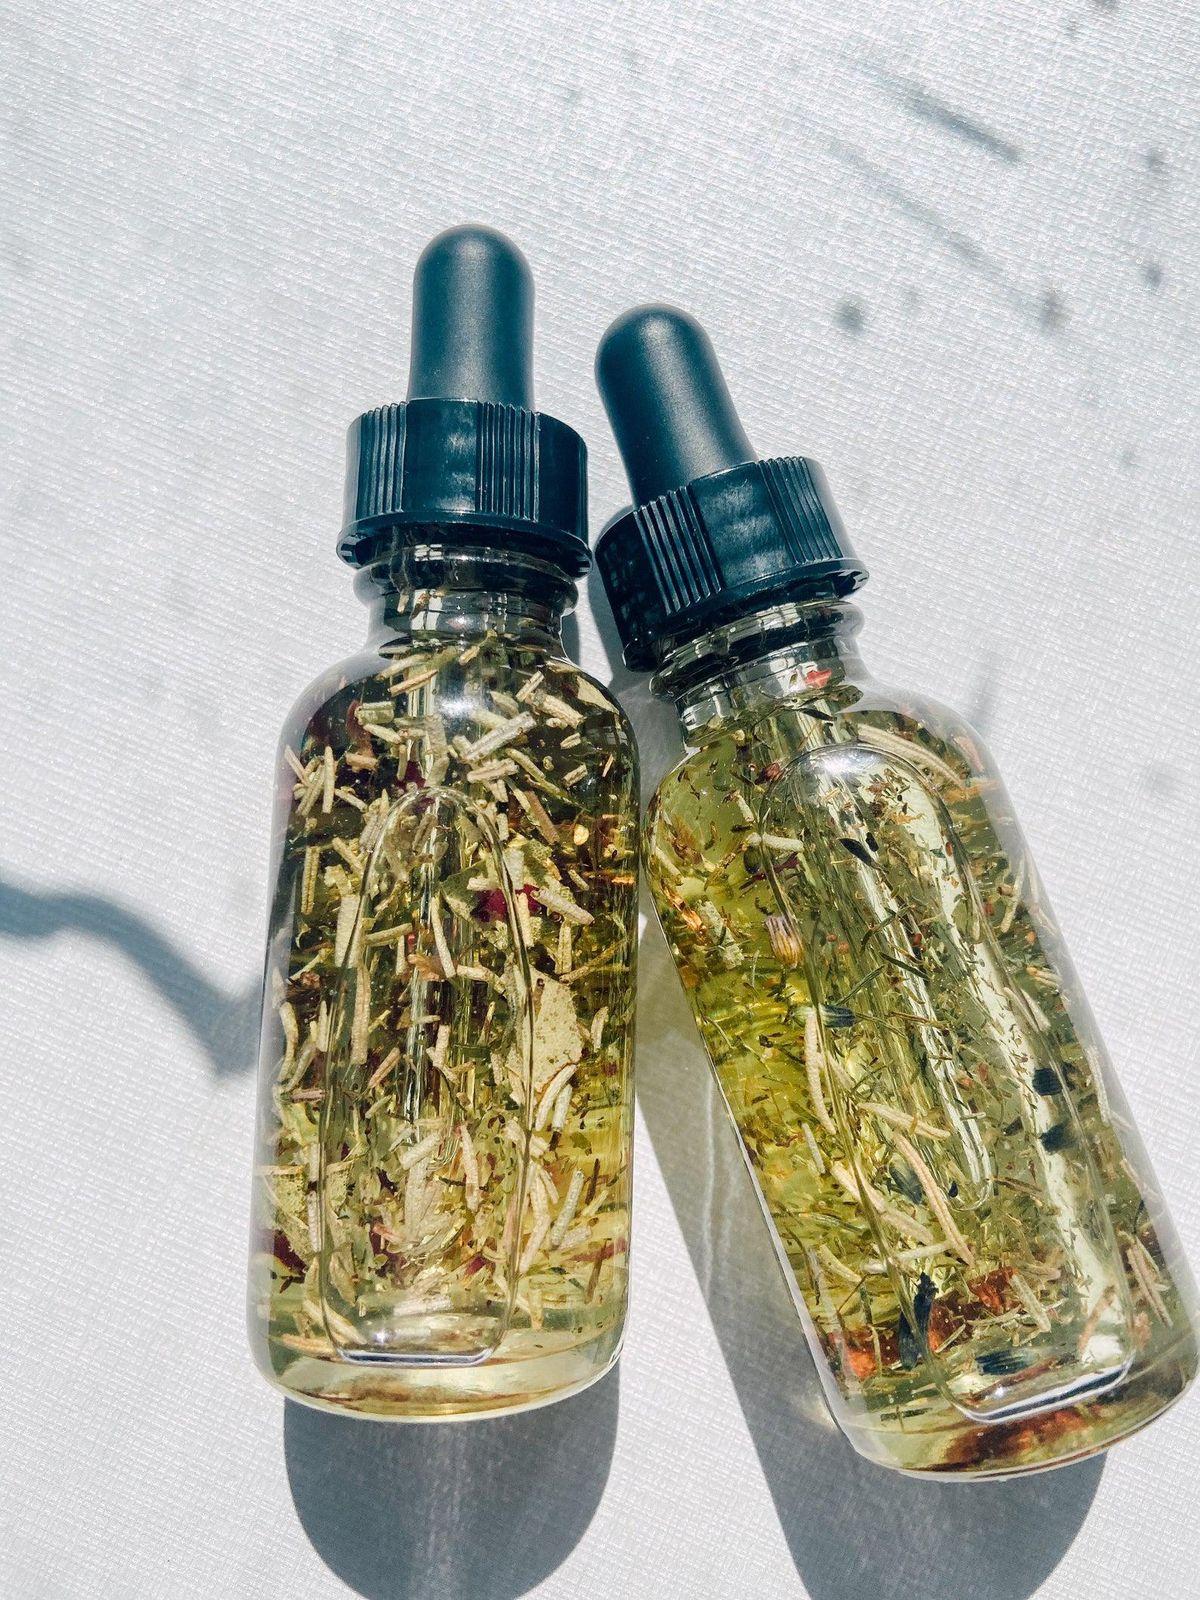 mama vida botanica manifest that sht ritual oil